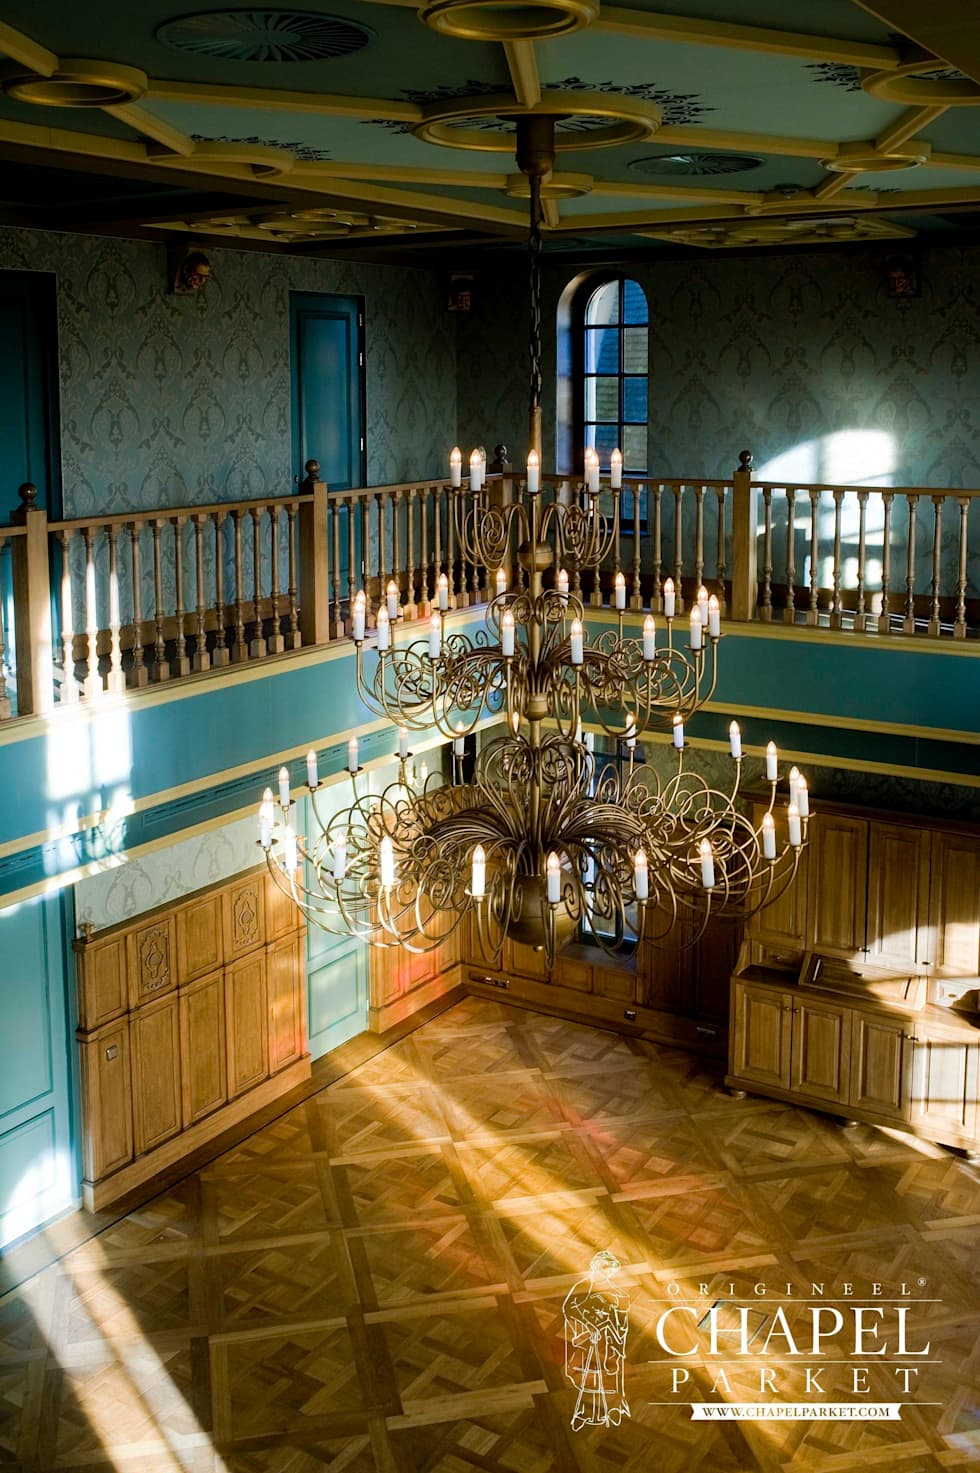 Chapel Basilica, kolor Podwójnie przyciemniany: styl , w kategorii Hotele zaprojektowany przez Chapel Parket Polska